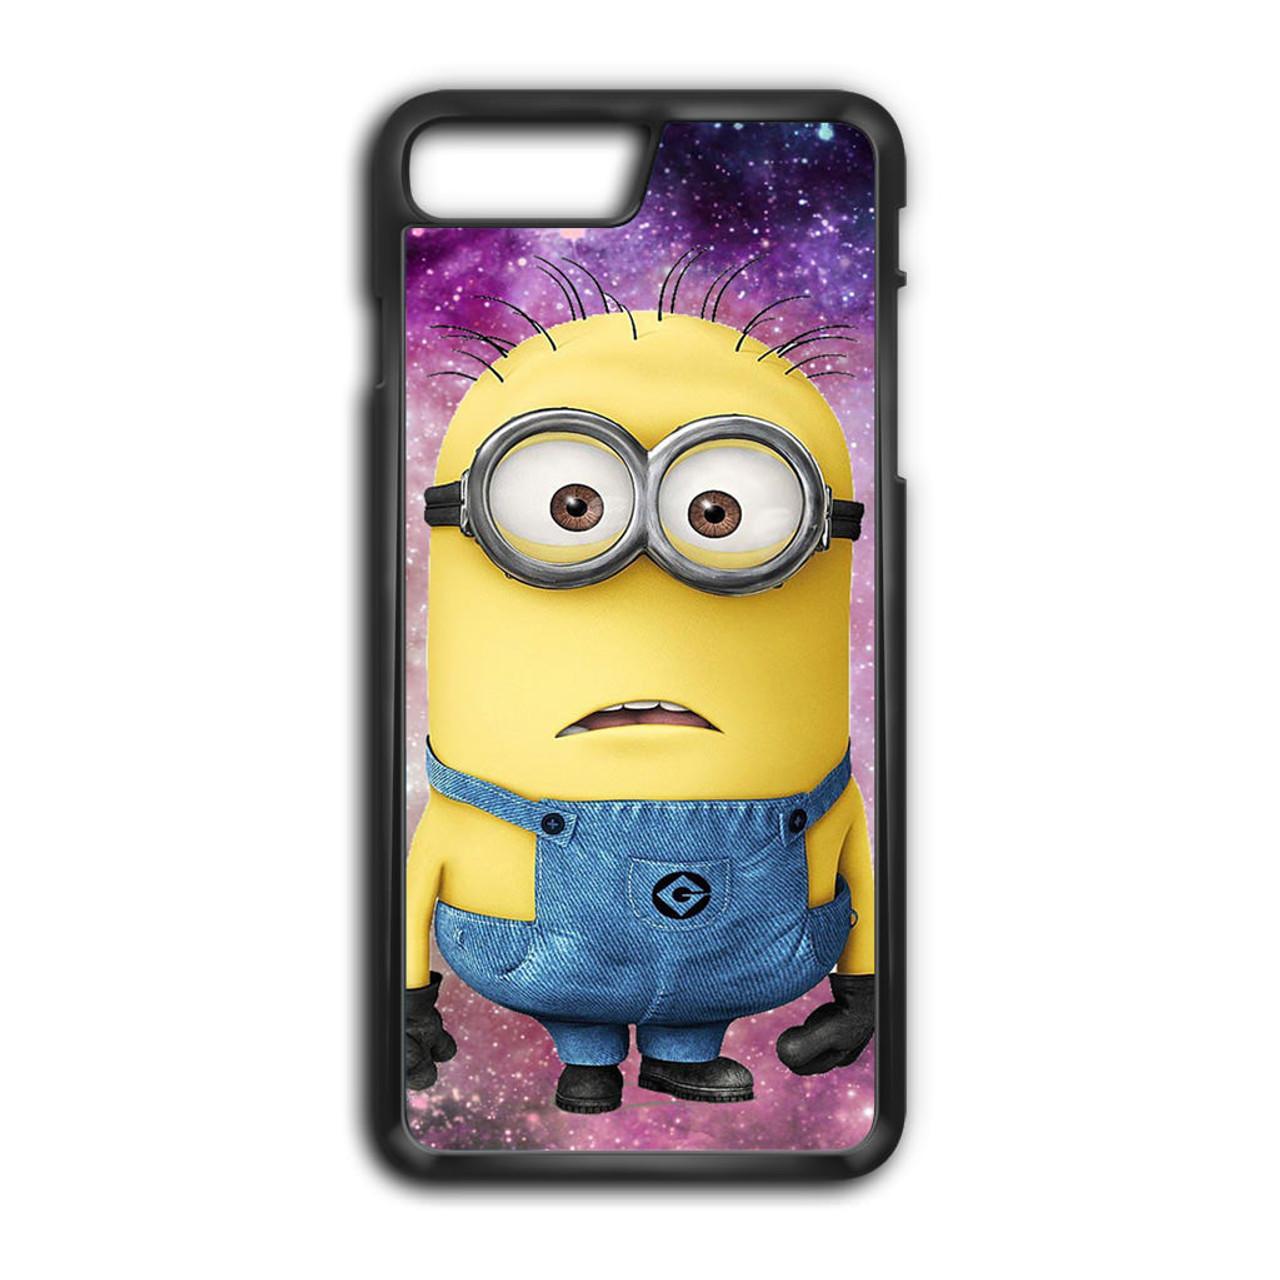 Despicable Me Minion iPhone 7 Plus Case